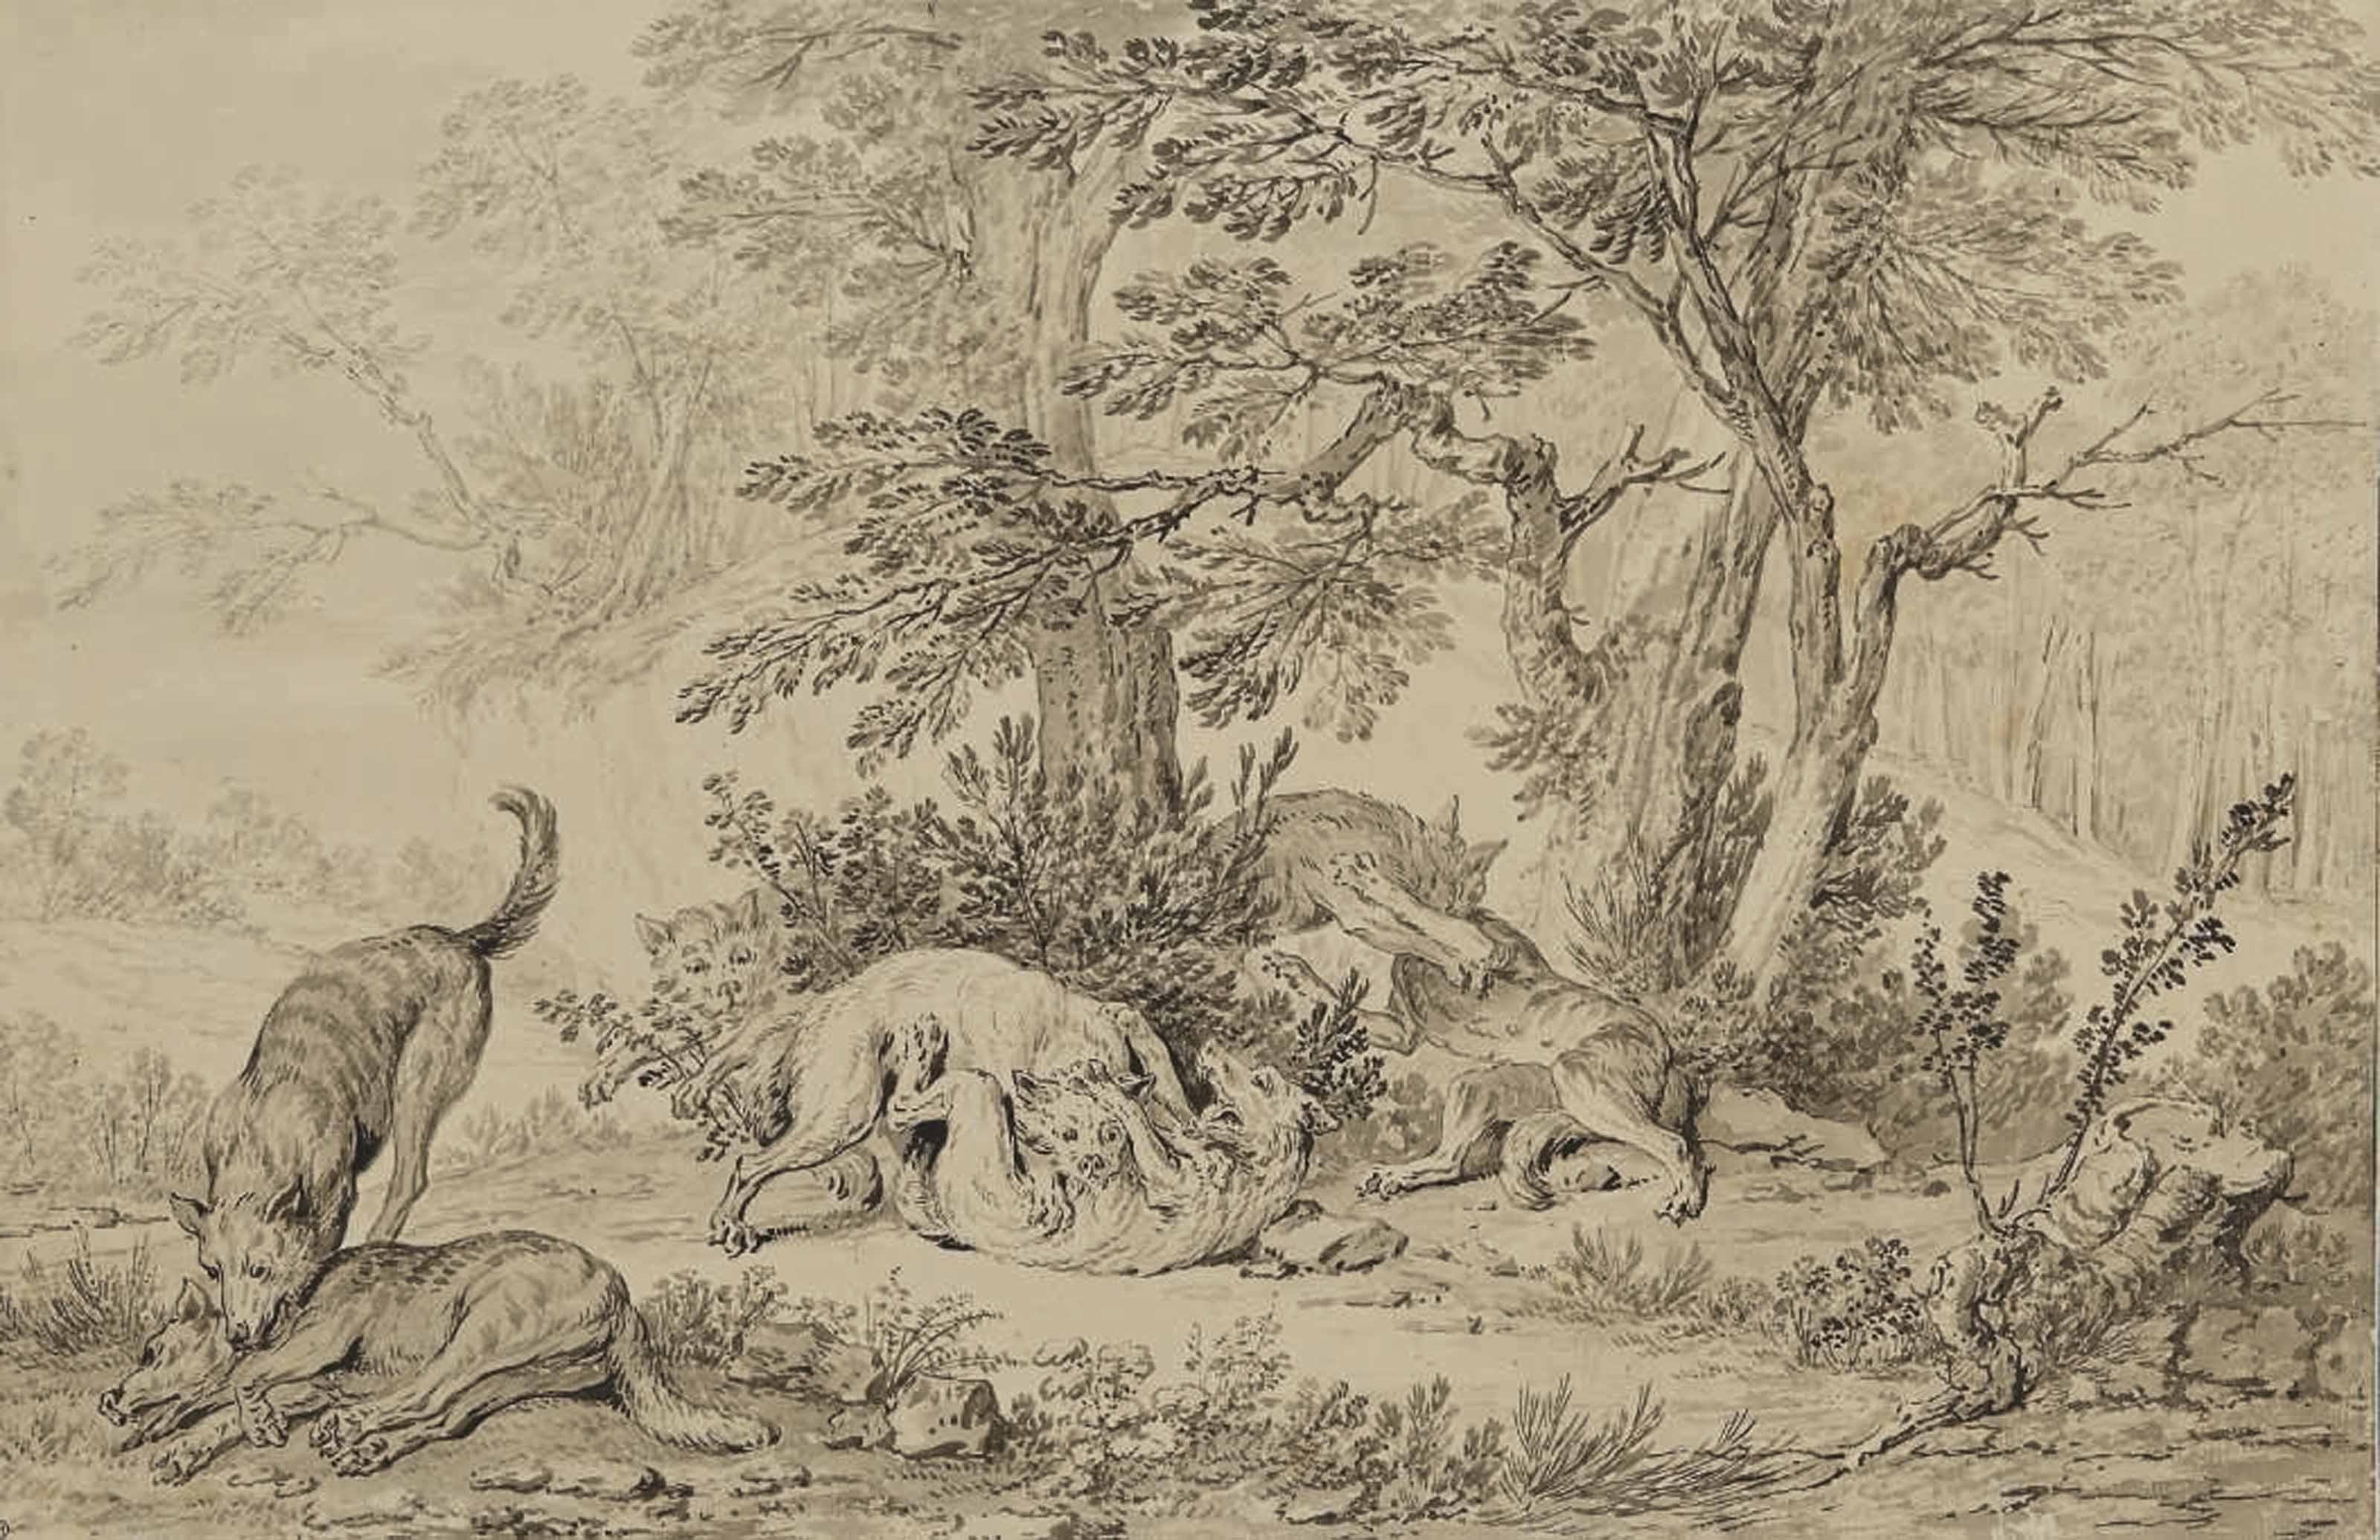 Combat de loups aux abords d'une forêt